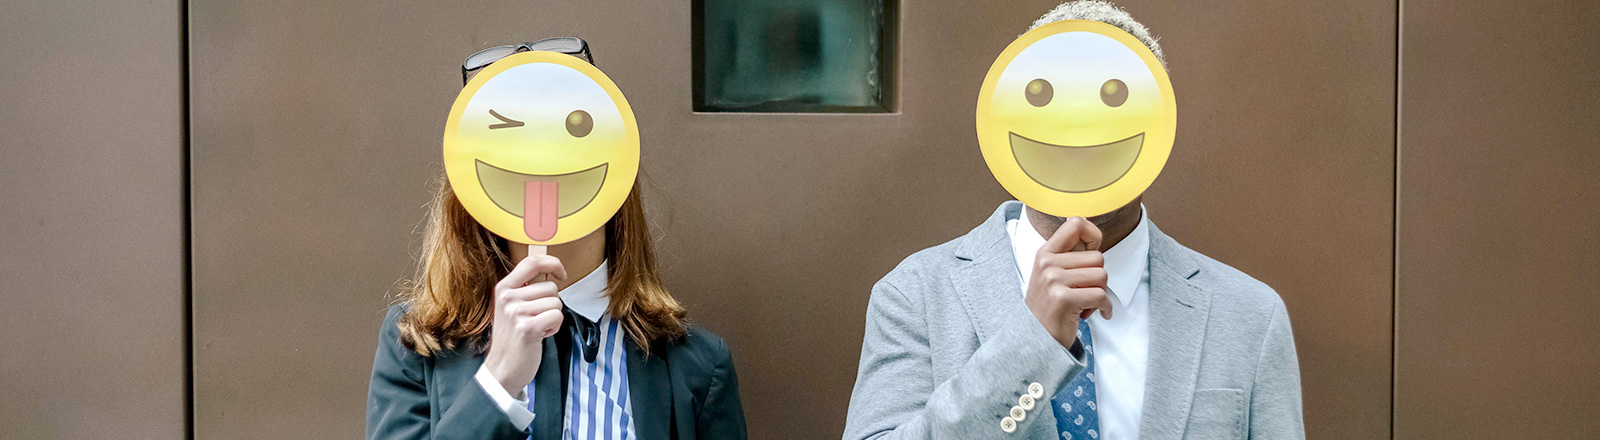 Mann und Frau halten sich lachende Masken vors Gesicht